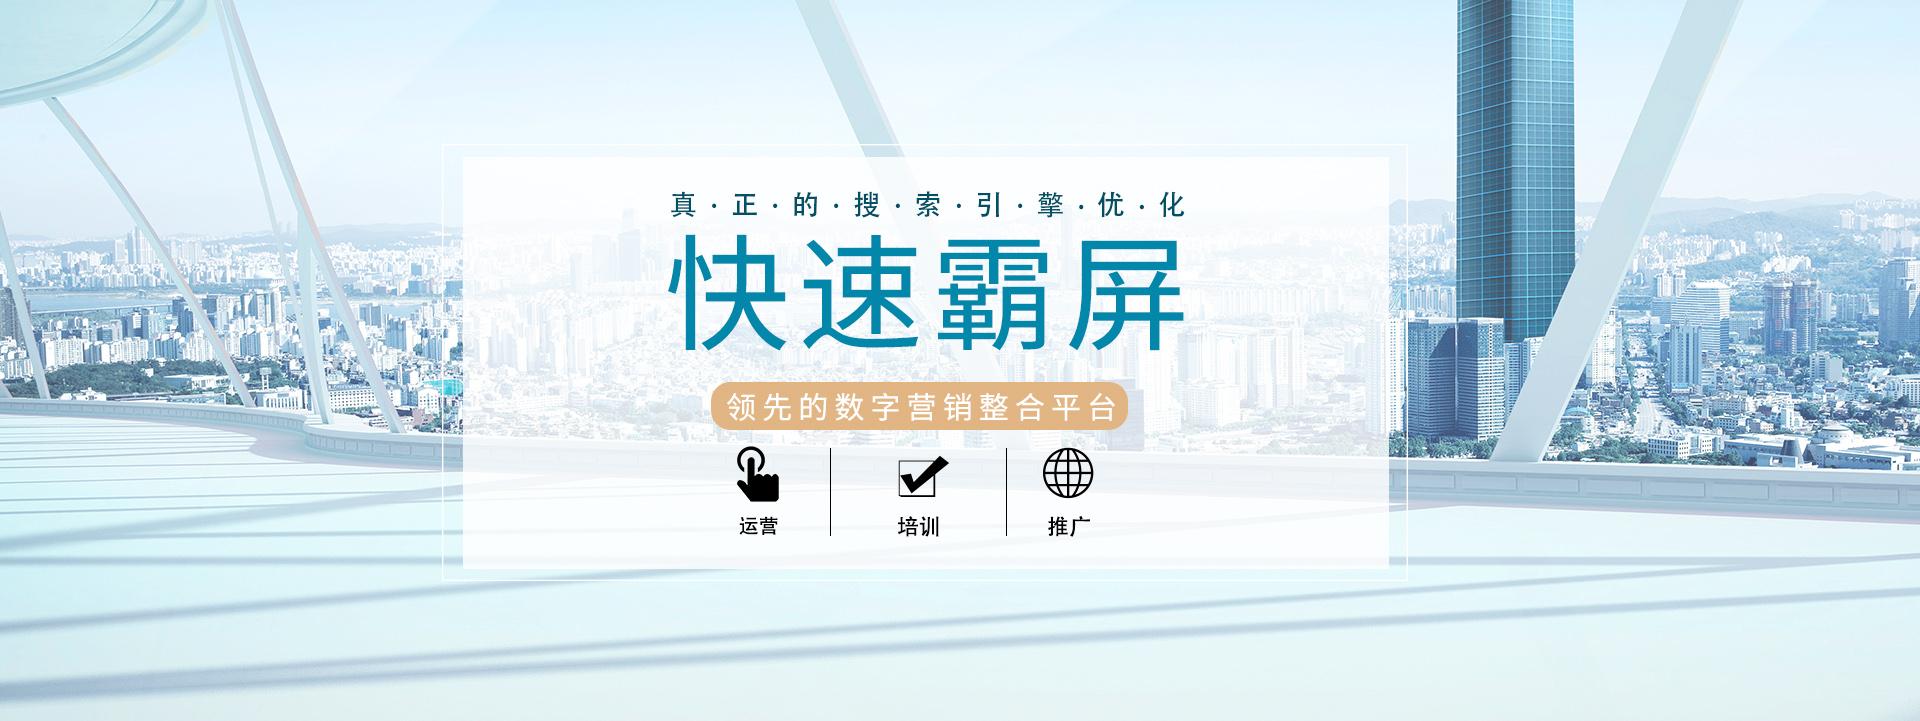 柳州整站优化